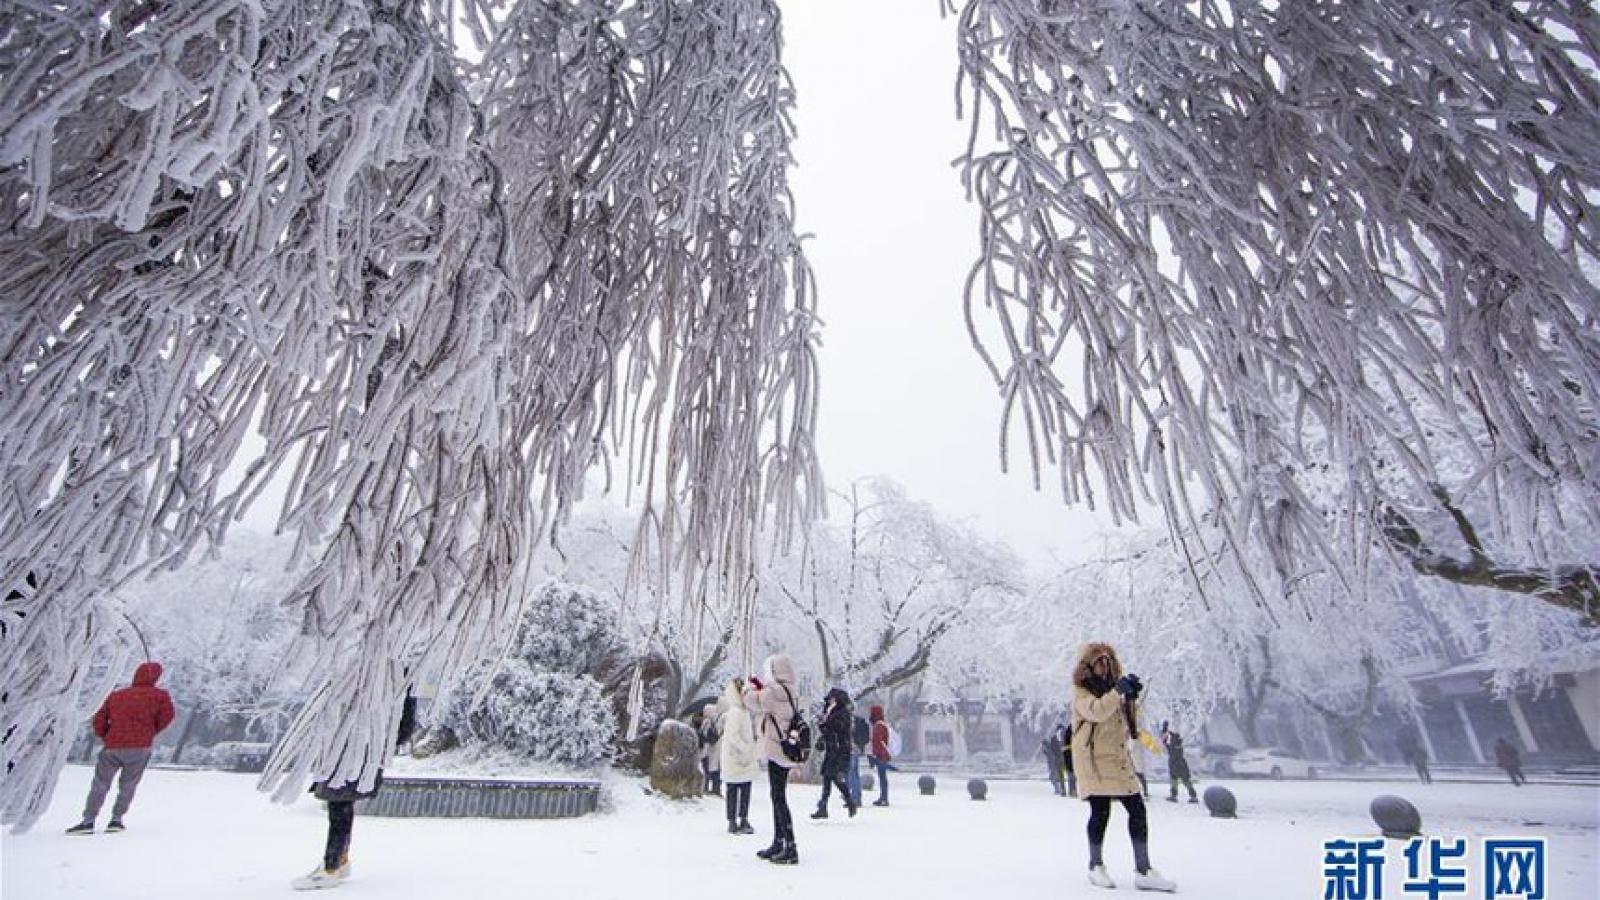 Bắc Kinh đối mặt với ngày giá rét nhất trong thế kỷ 21